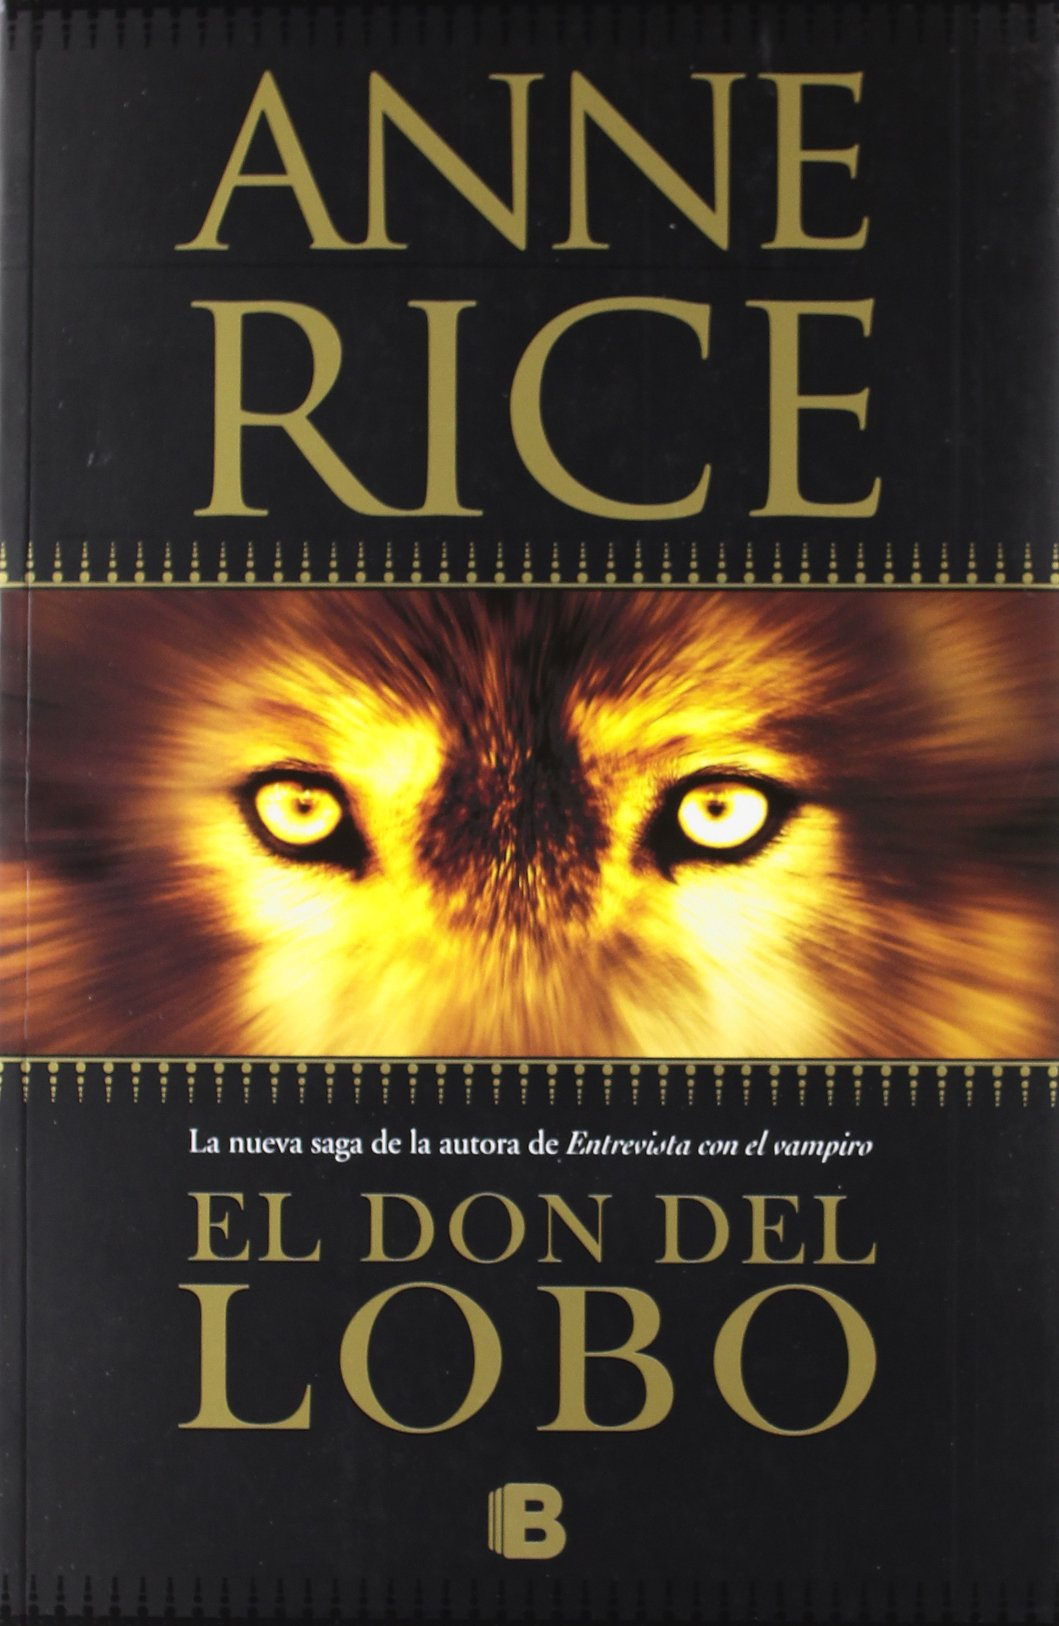 El don del lobo (Crónicas del Lobo 1) (La Trama): Amazon.es: Anne Rice: Libros